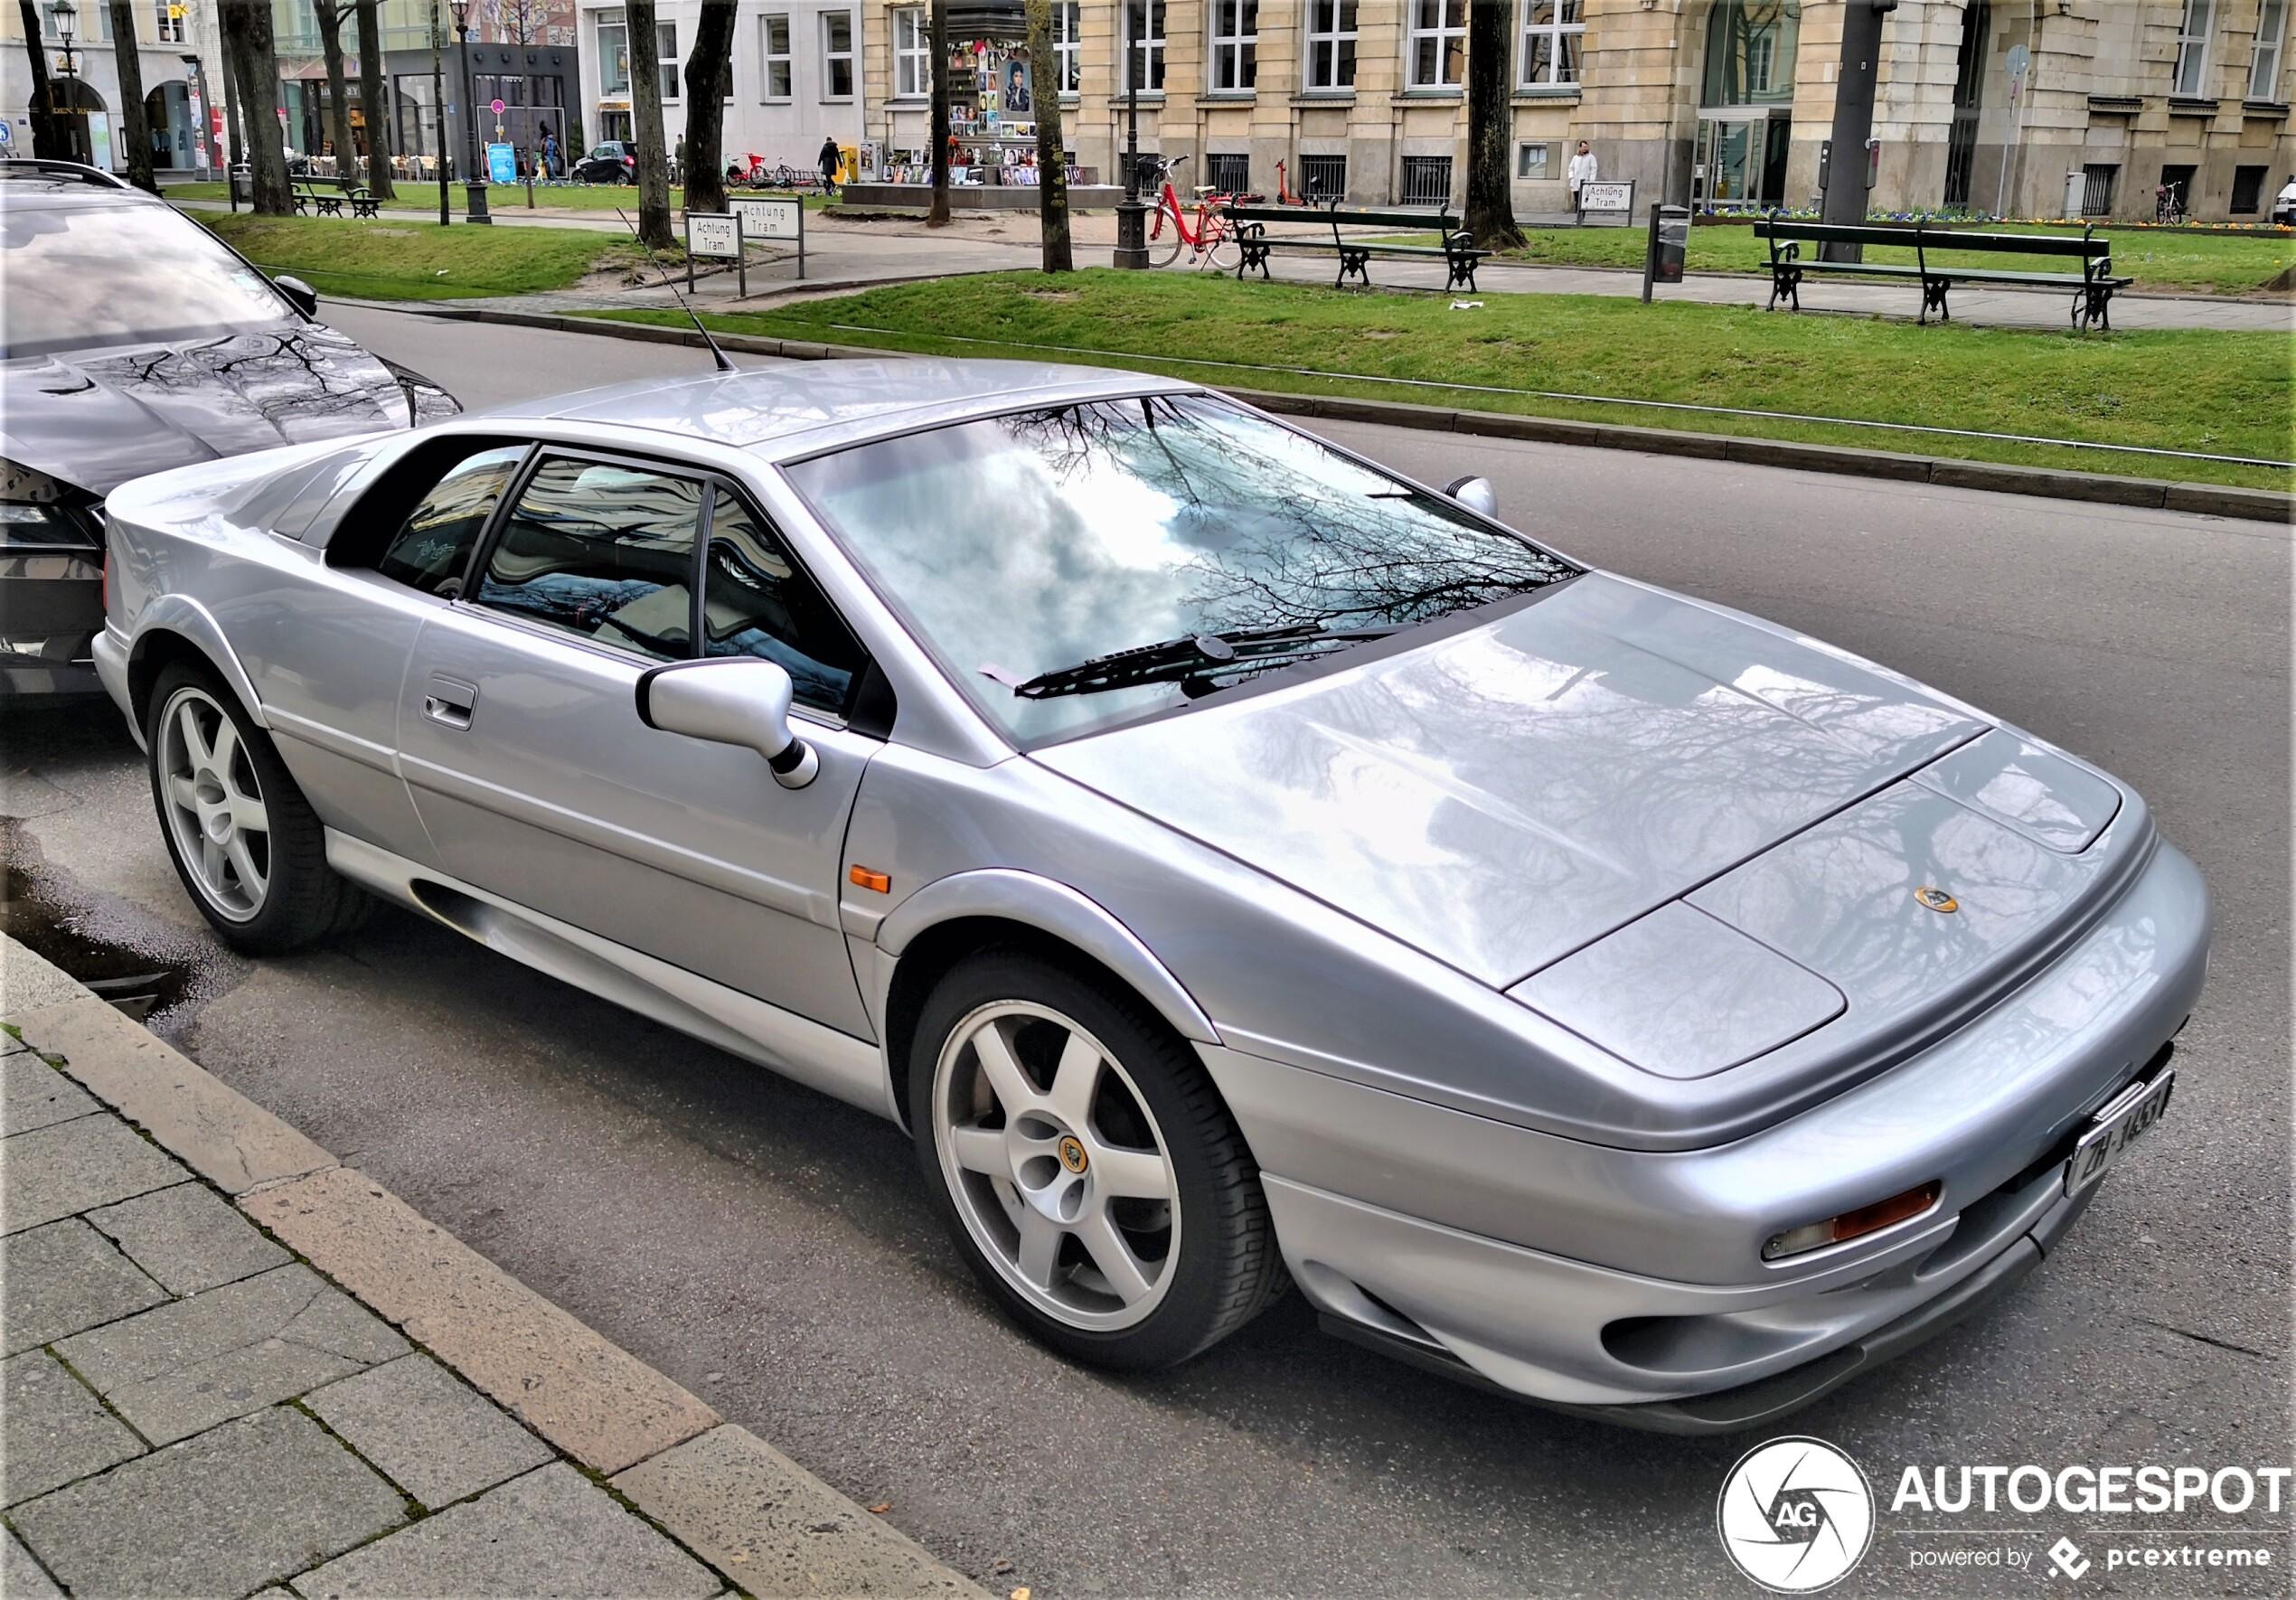 Lotus Esprit V8 GT - 3 April 2020 - Autogespot